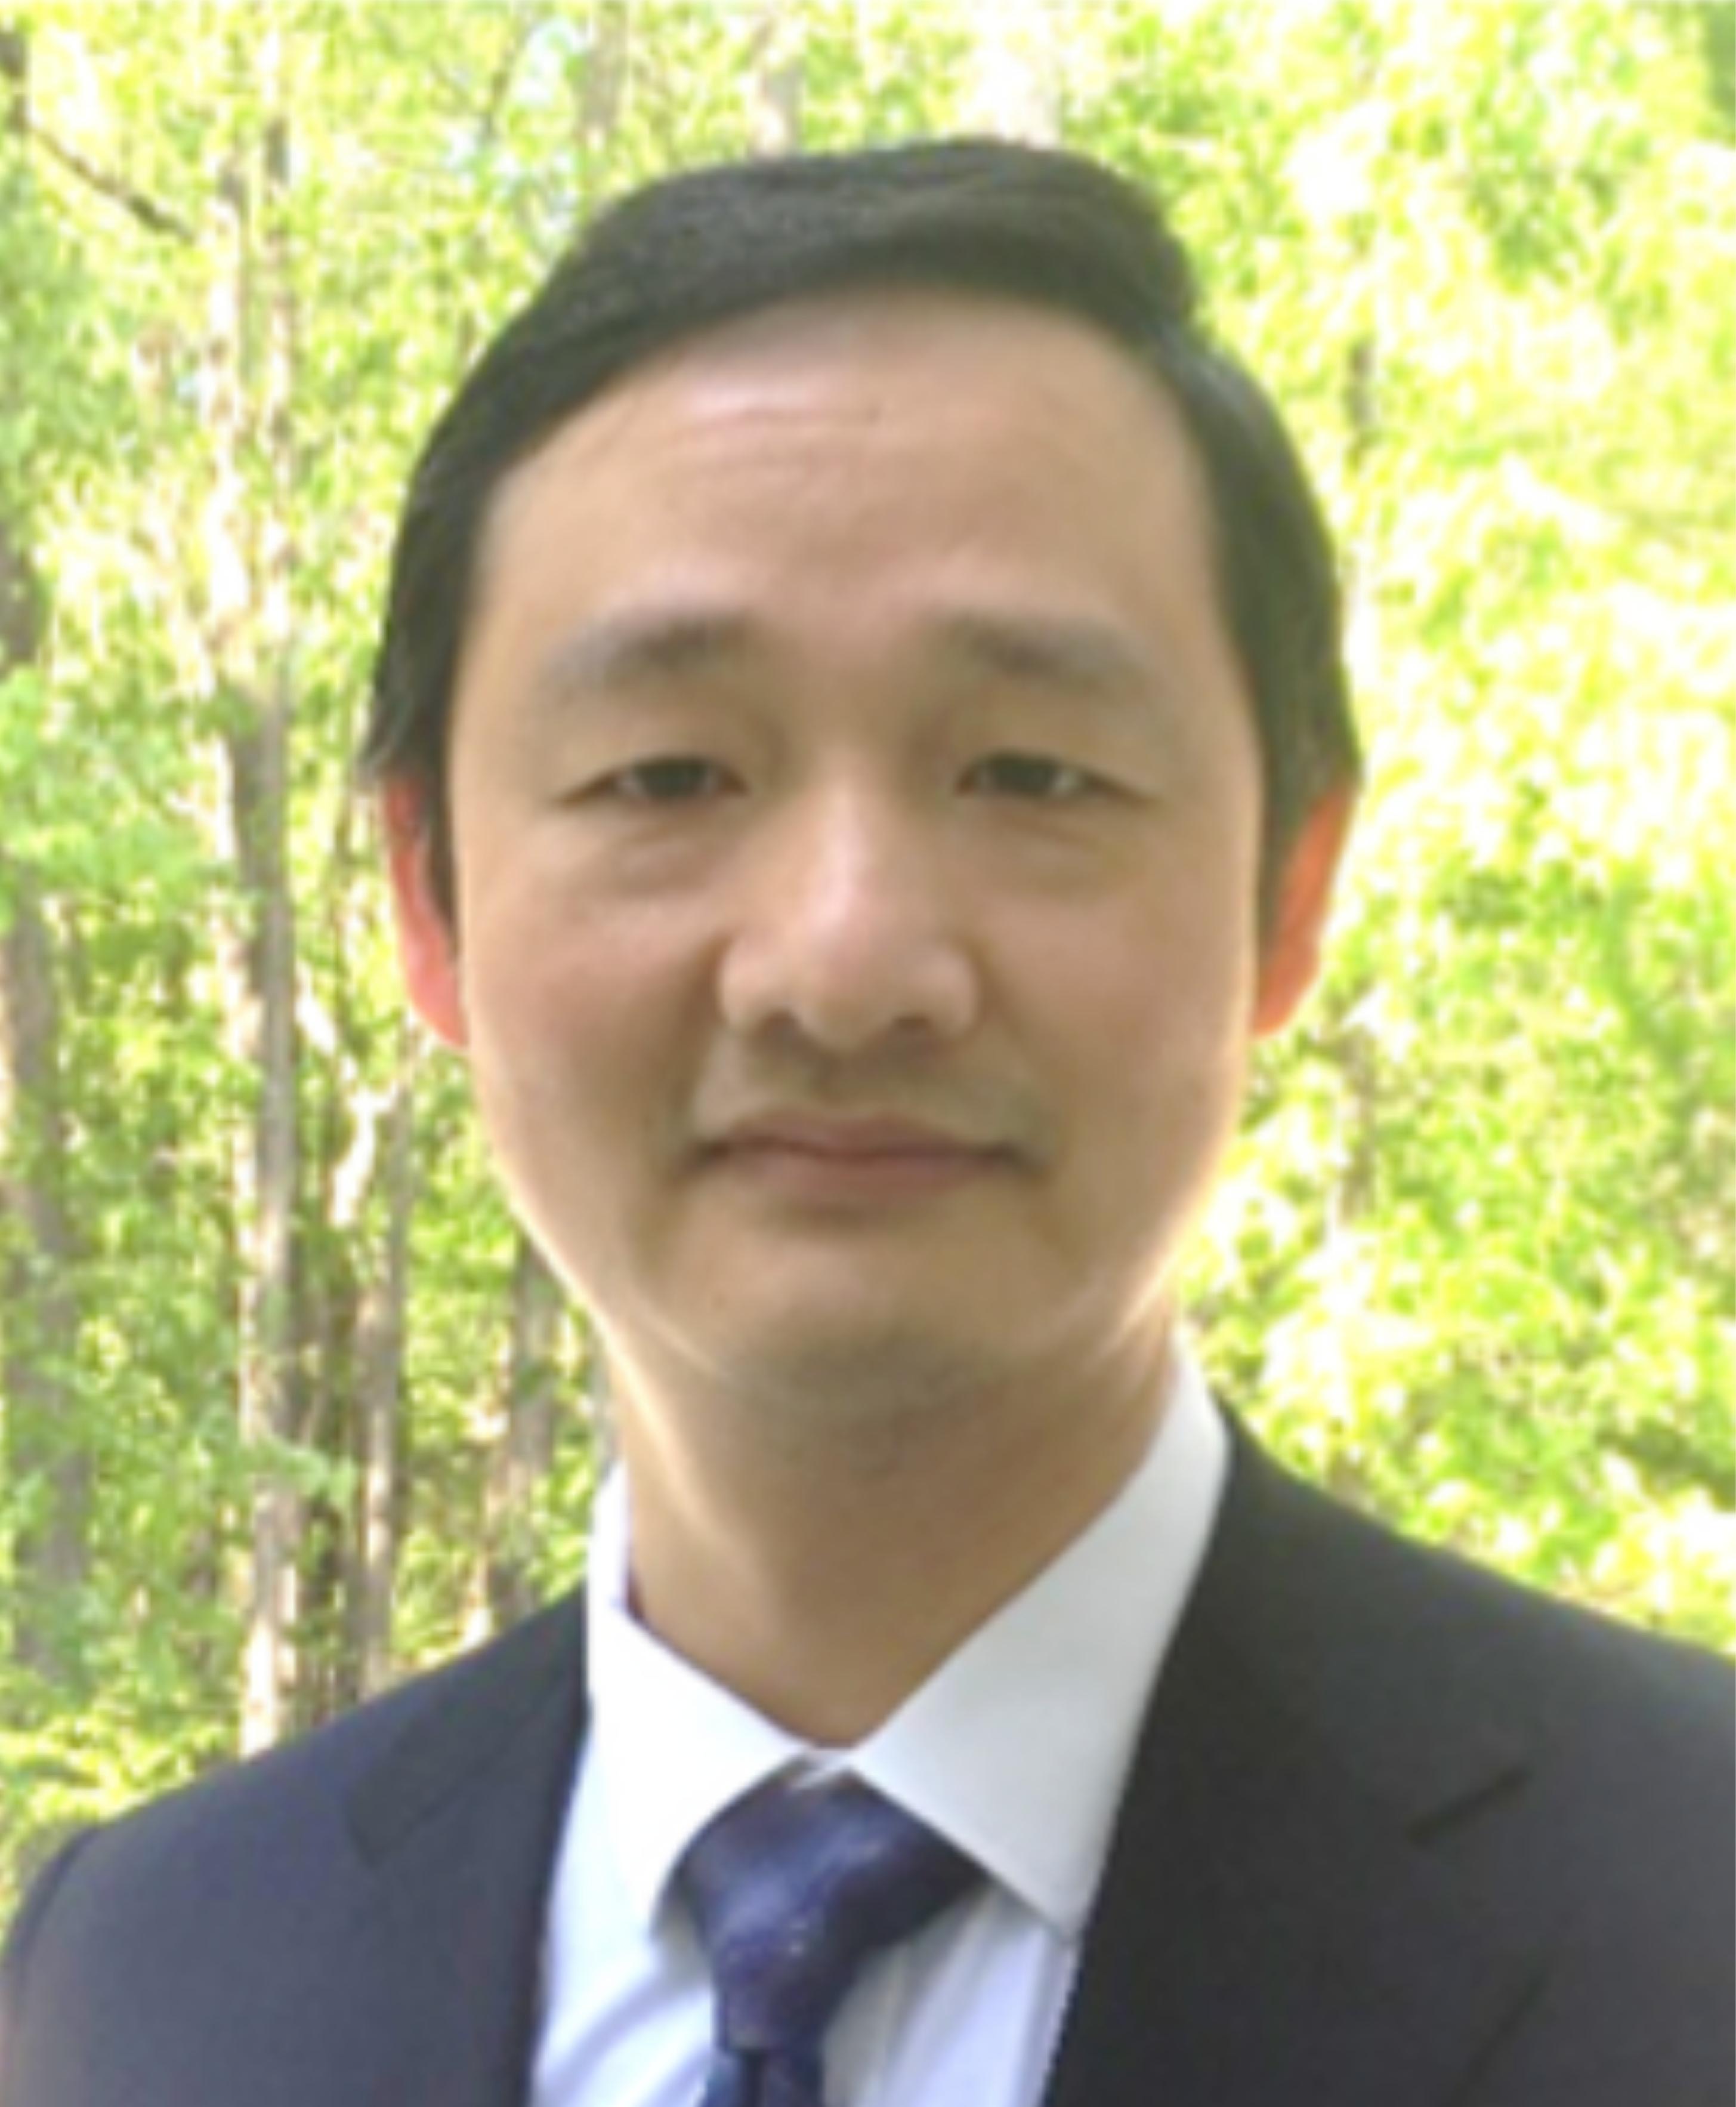 Jinsong Huang